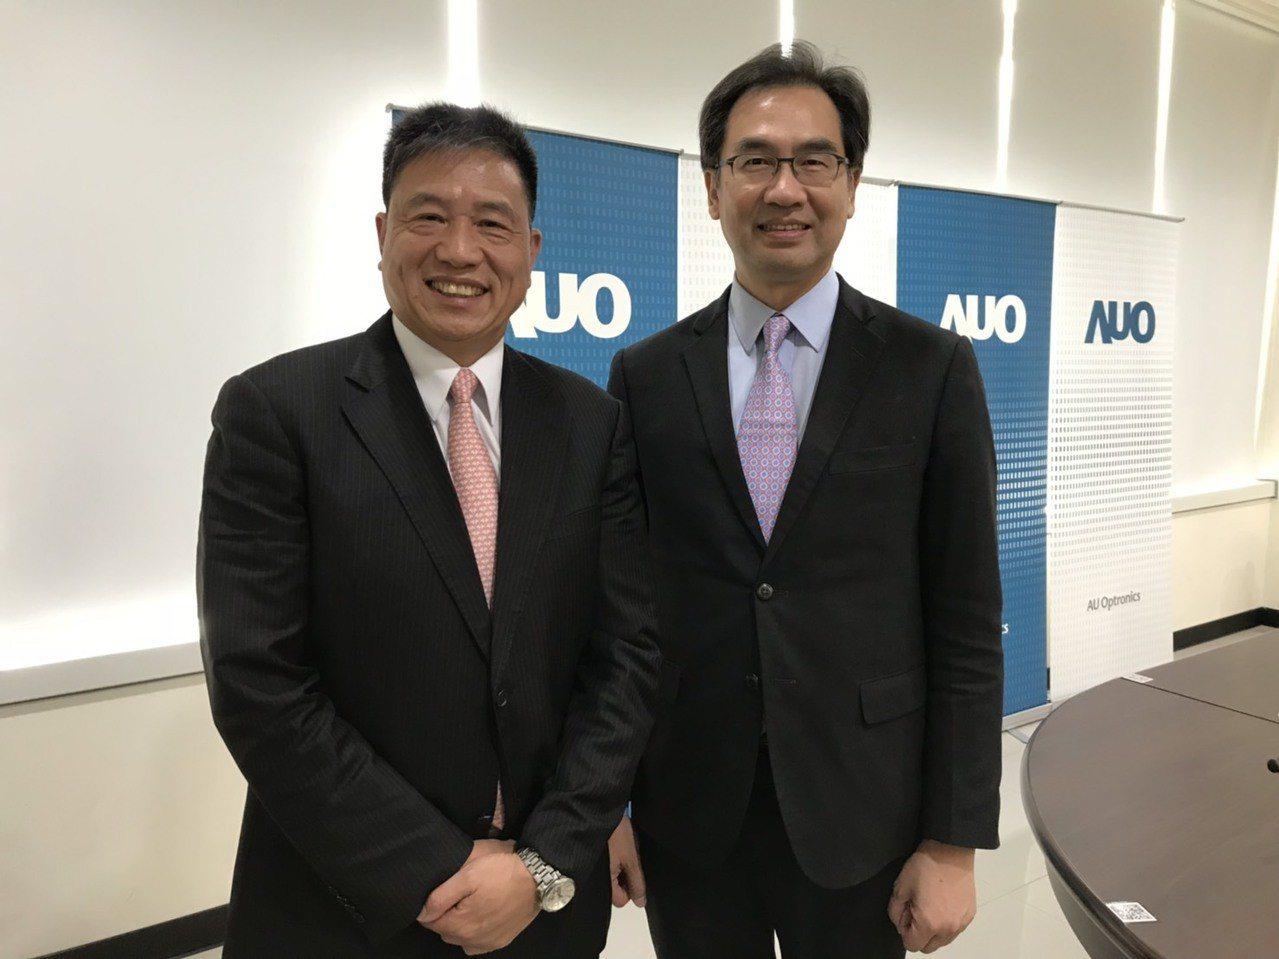 友達董事長彭双浪(左)和總經理蔡國新(右)出席股東常會。記者蔡銘仁/攝影